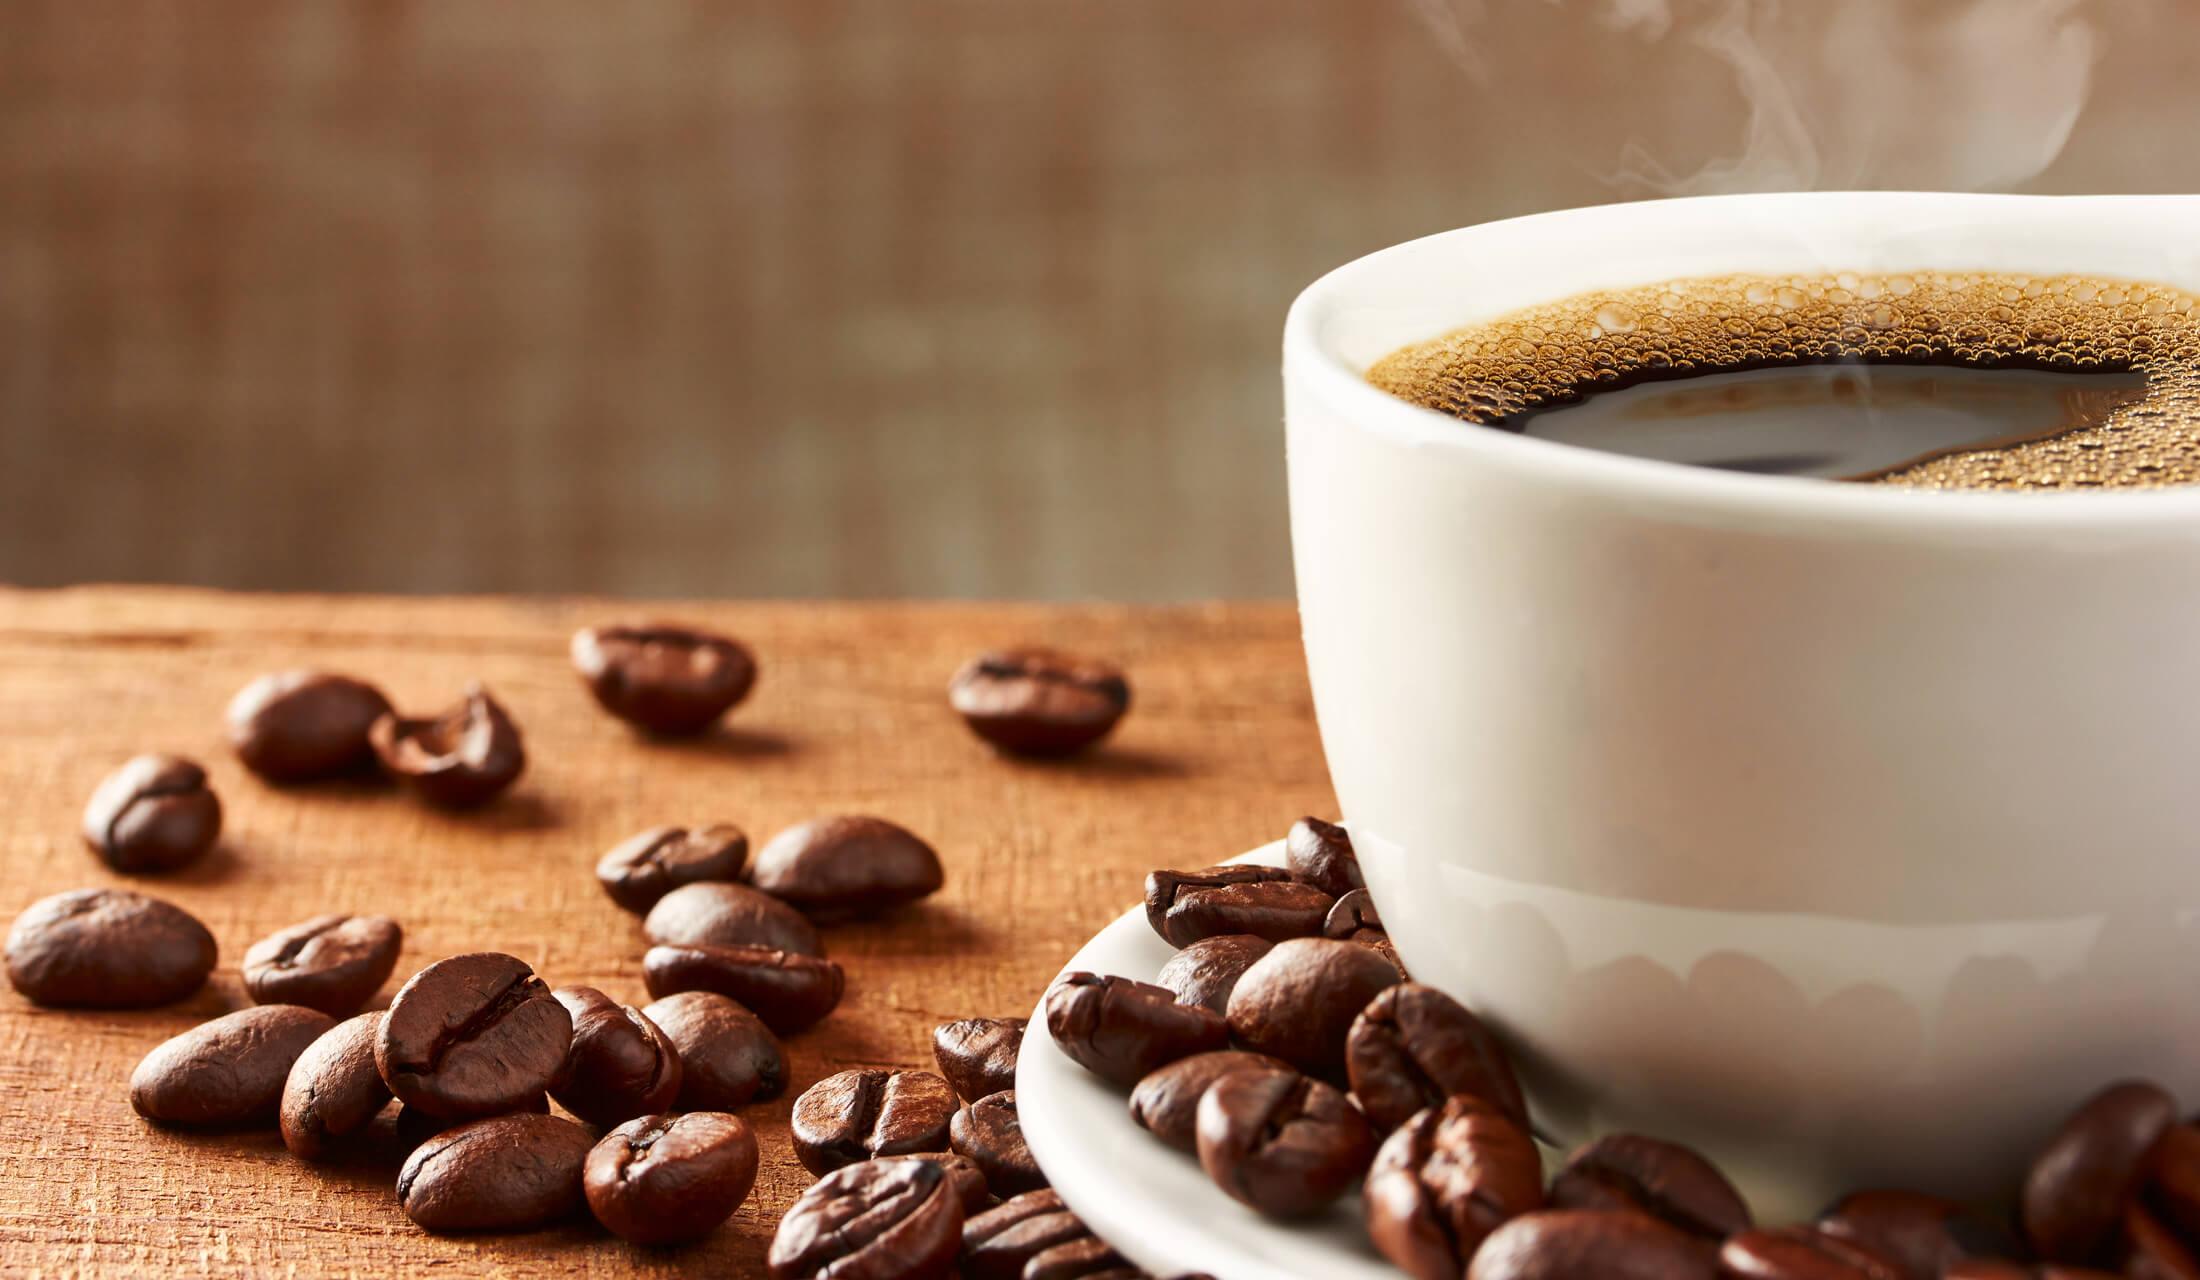 白いソーサー付のマグカップに湯気がたつコーヒーが入れられ、その周りにコーヒー豆が散らばっている